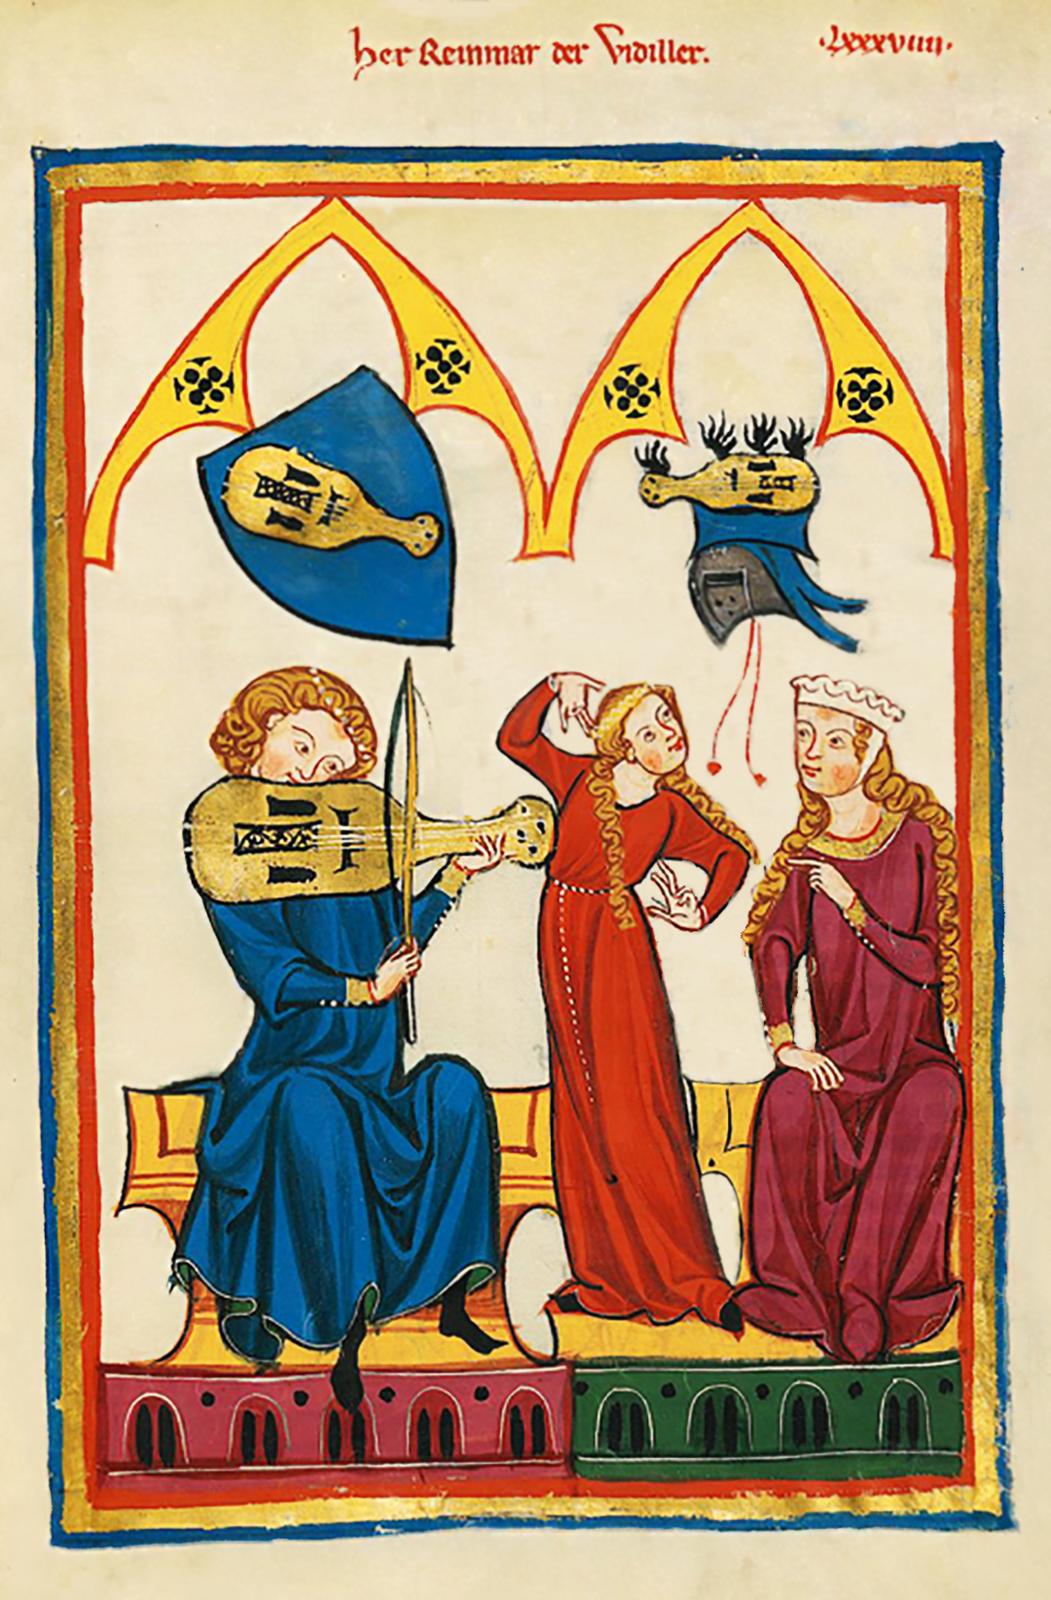 Grajek przygrywa damom do tańca Grajek przygrywa damom do tańca Źródło: Kodeks Manesse, około 1320 roku, miniatura, domena publiczna.